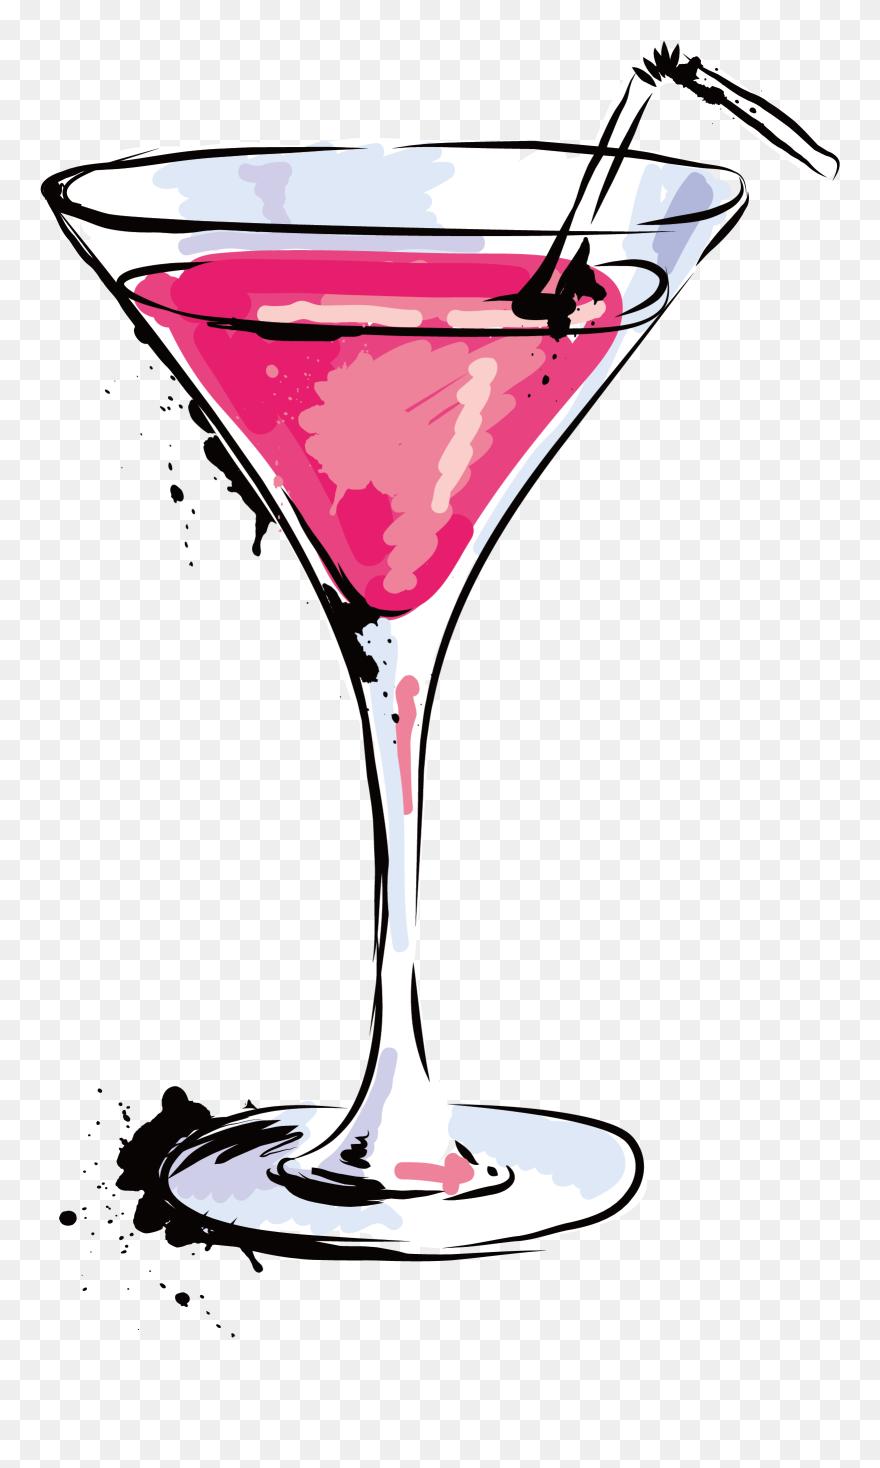 39++ Bachelorette martini glass clipart ideas in 2021